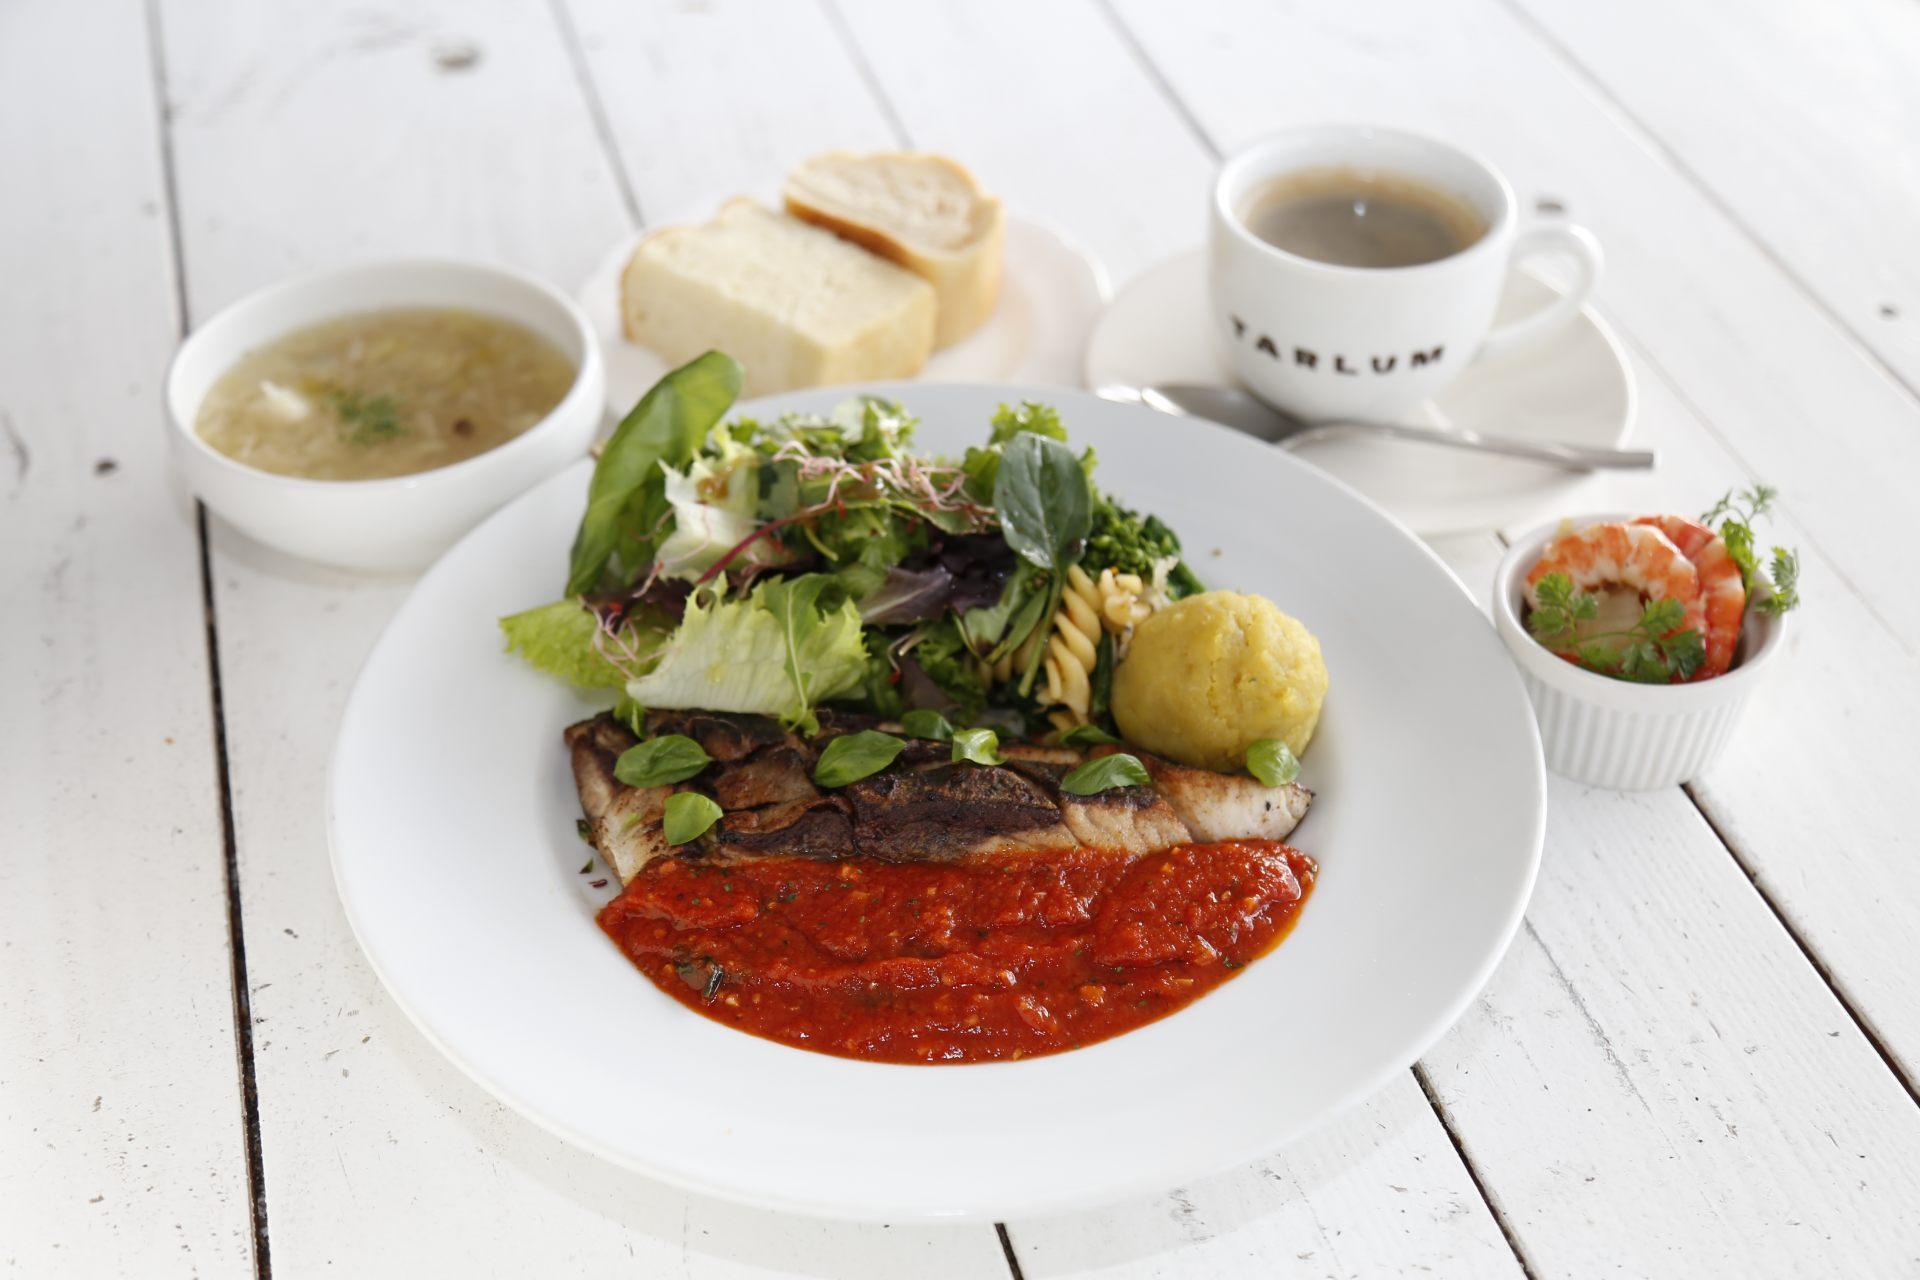 鲜鱼料理午餐950日圆(附前菜、汤及饮料)